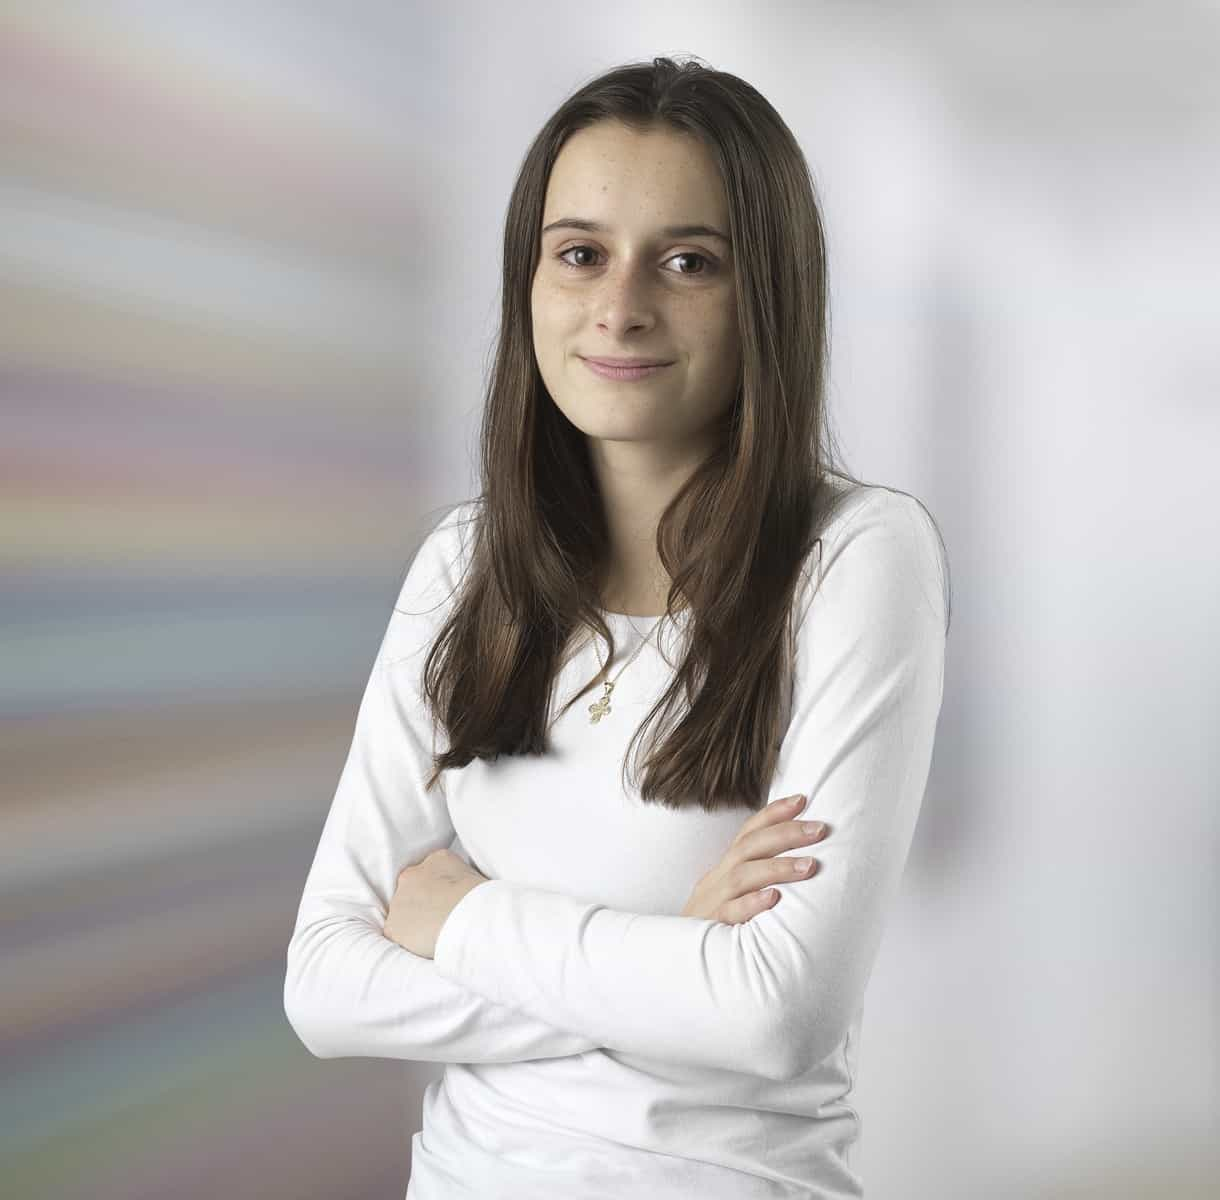 Maria Brorsen